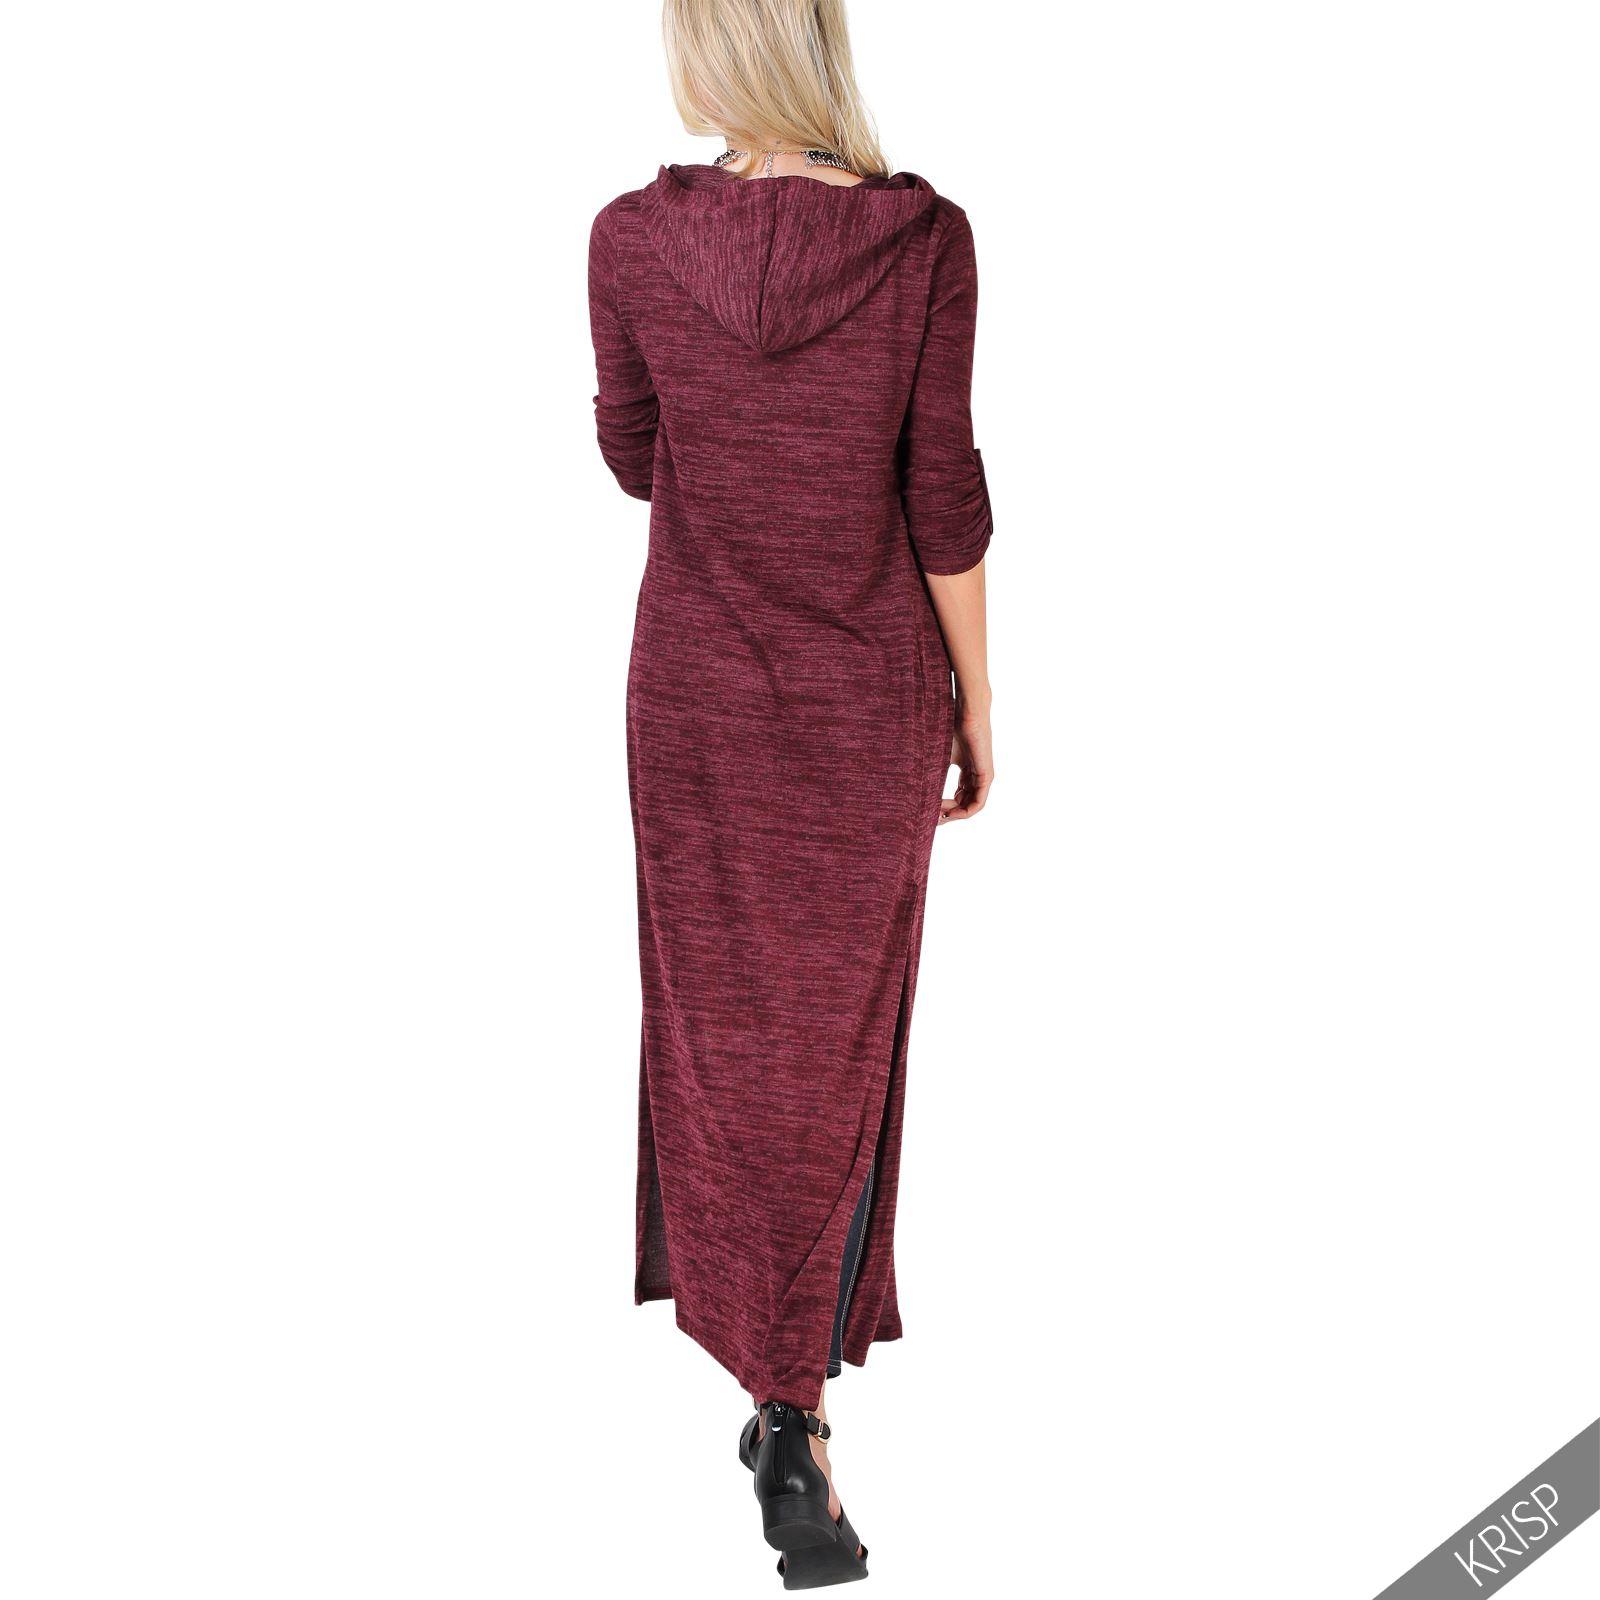 Femmes-Longue-Jacket-Veste-Sweat-Doux-Capuche-Cardigan-Gilet-Manteau-Hiver miniature 3